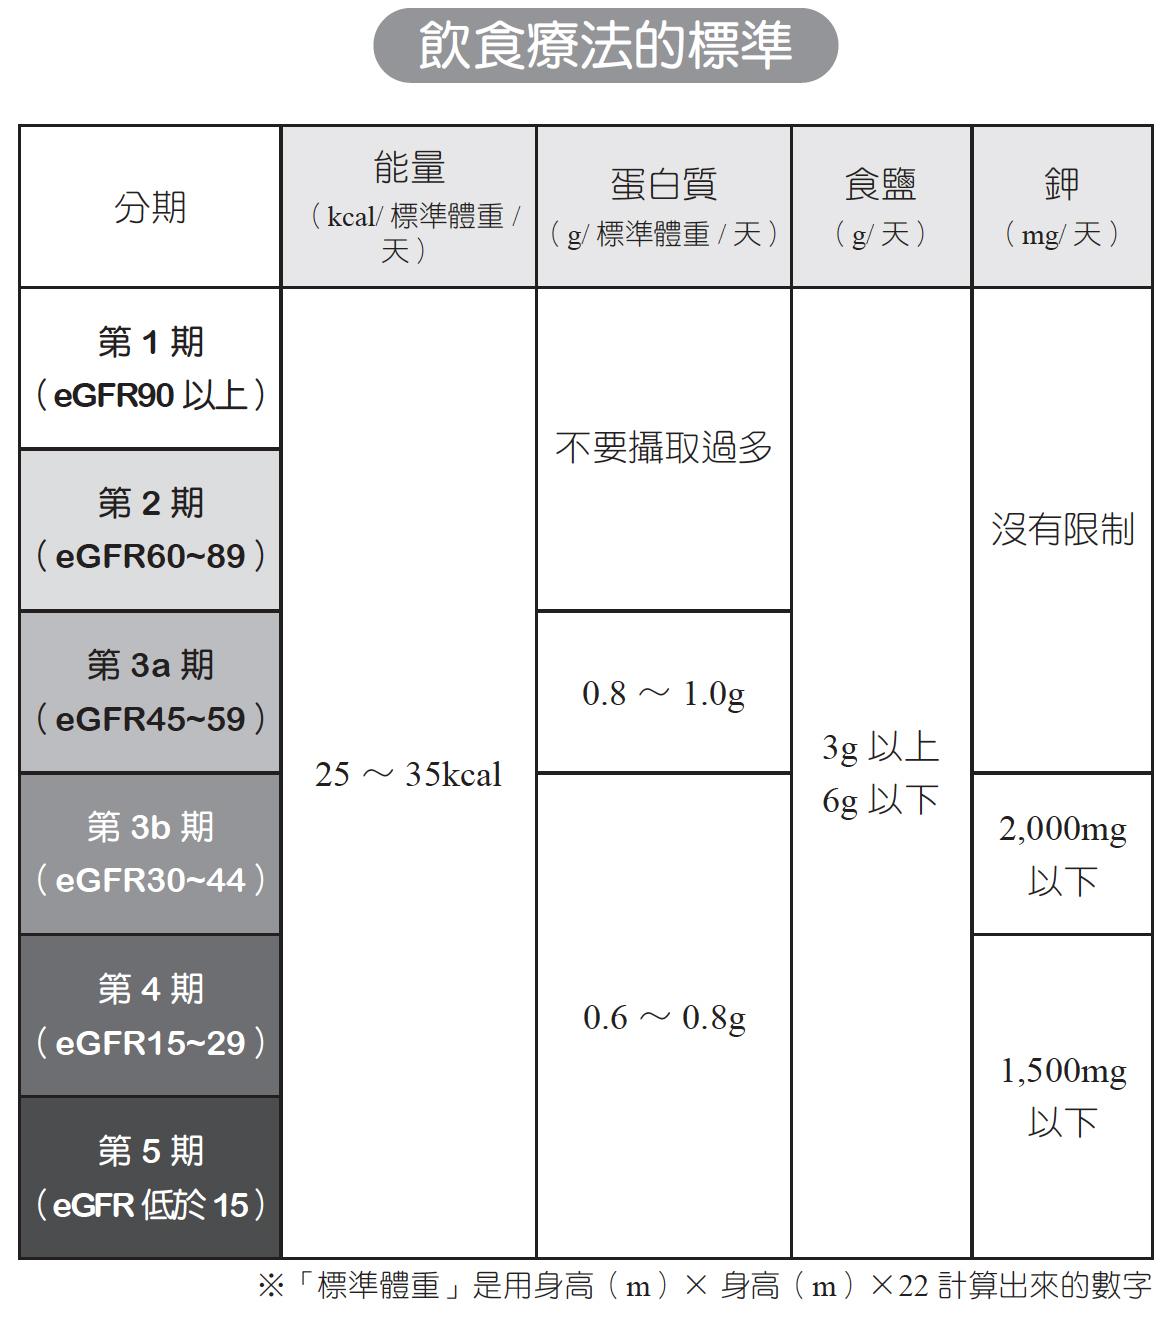 腎臟病吃太多蛋白質有害 飲食注意2件事   腎功能   營養   大紀元